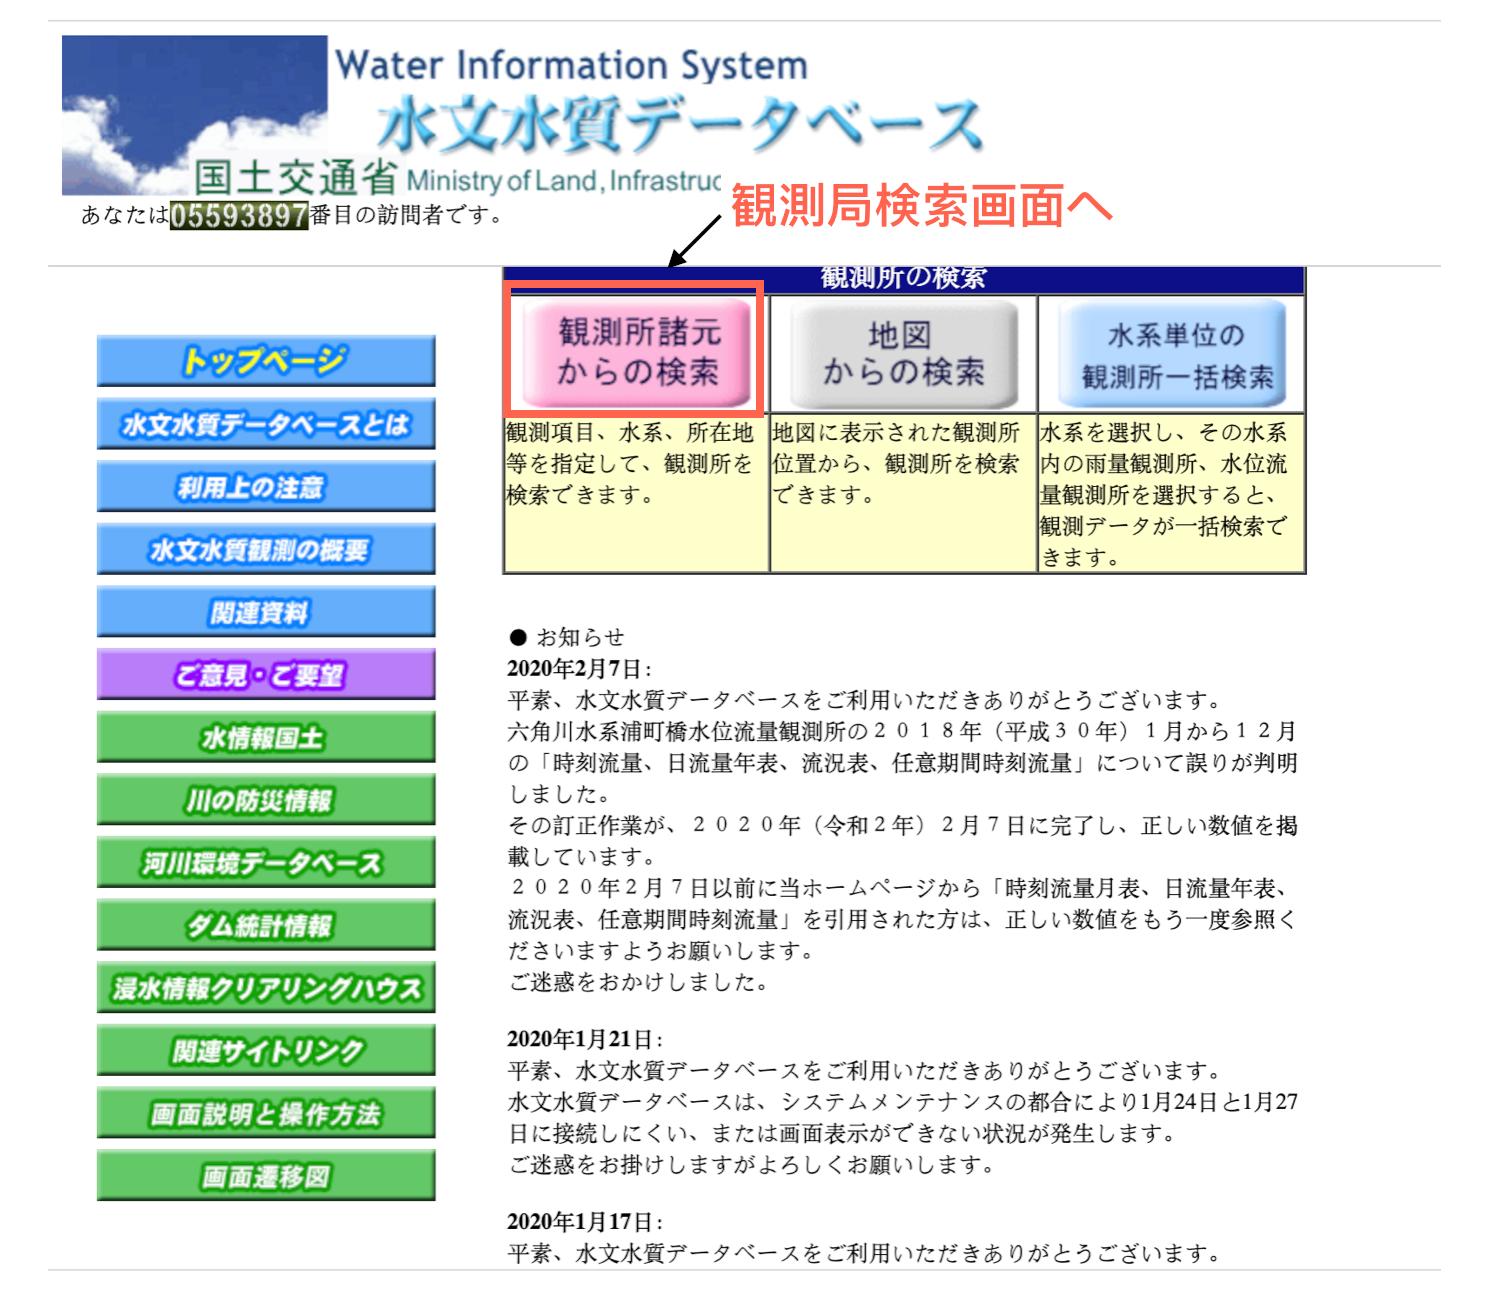 国土 交通 省 水文 水質 データベース 国土 交通 省 水文 水質 データベース